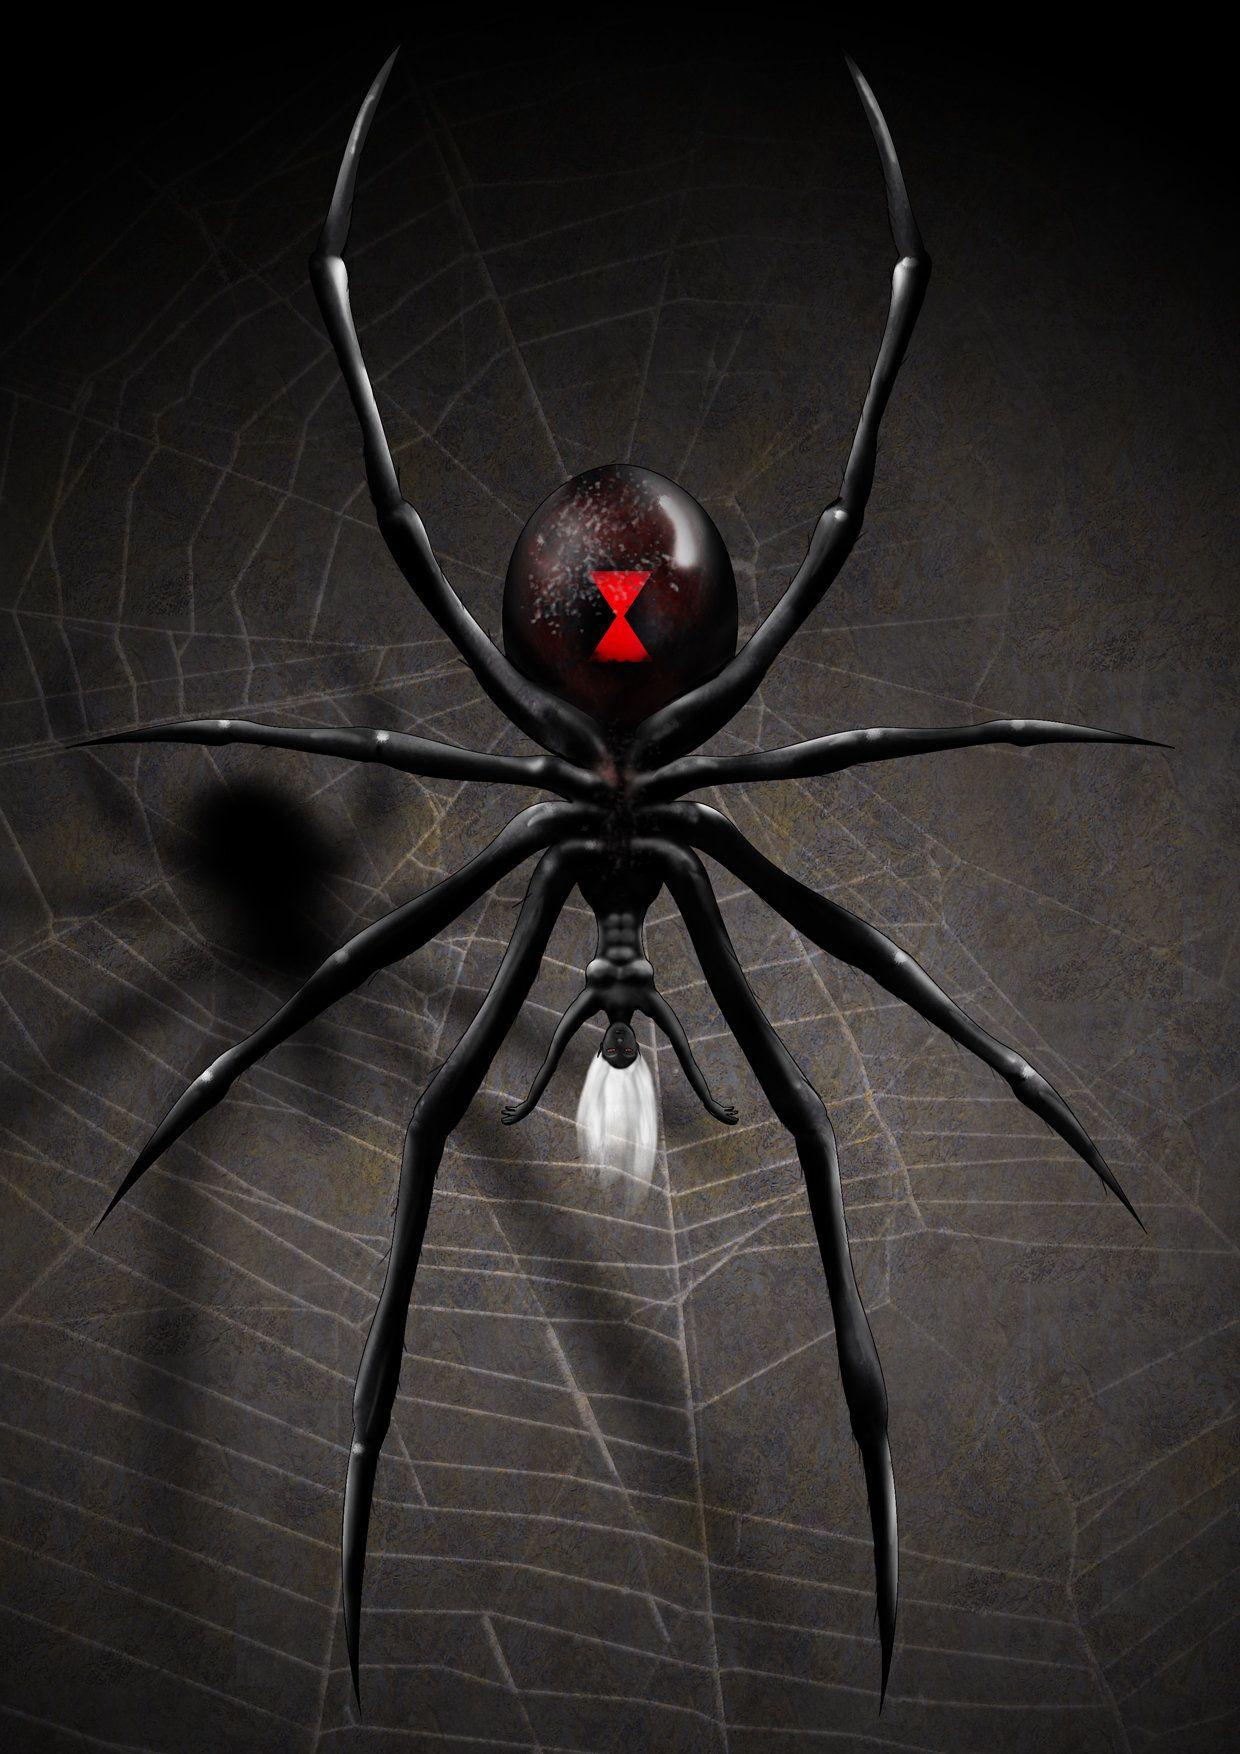 Drider Spider Art Marvel Wallpaper Beautiful Dark Art